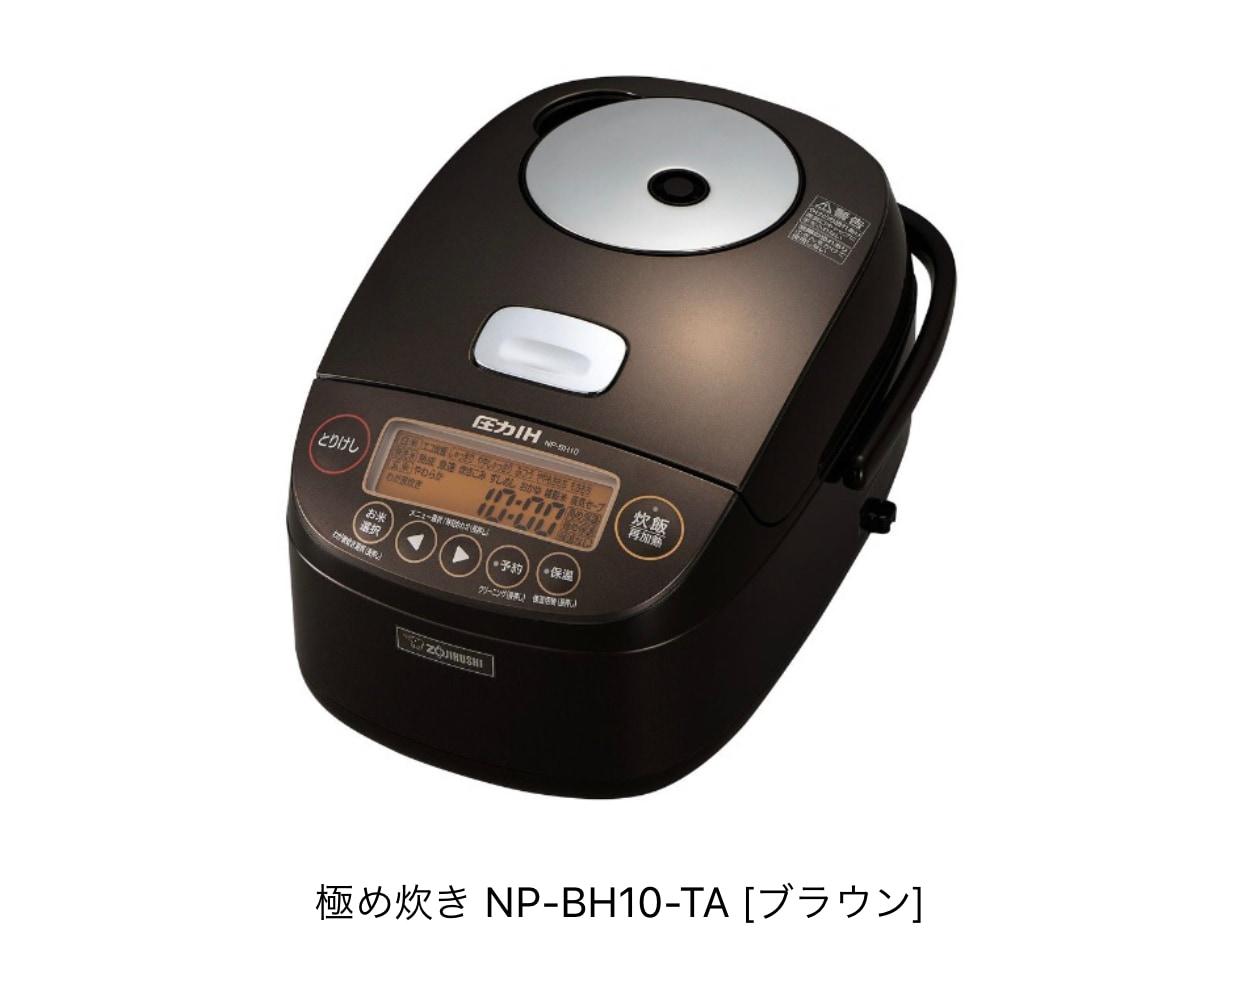 極め炊き NP-BH10-TA [ブラウン] 製品画像